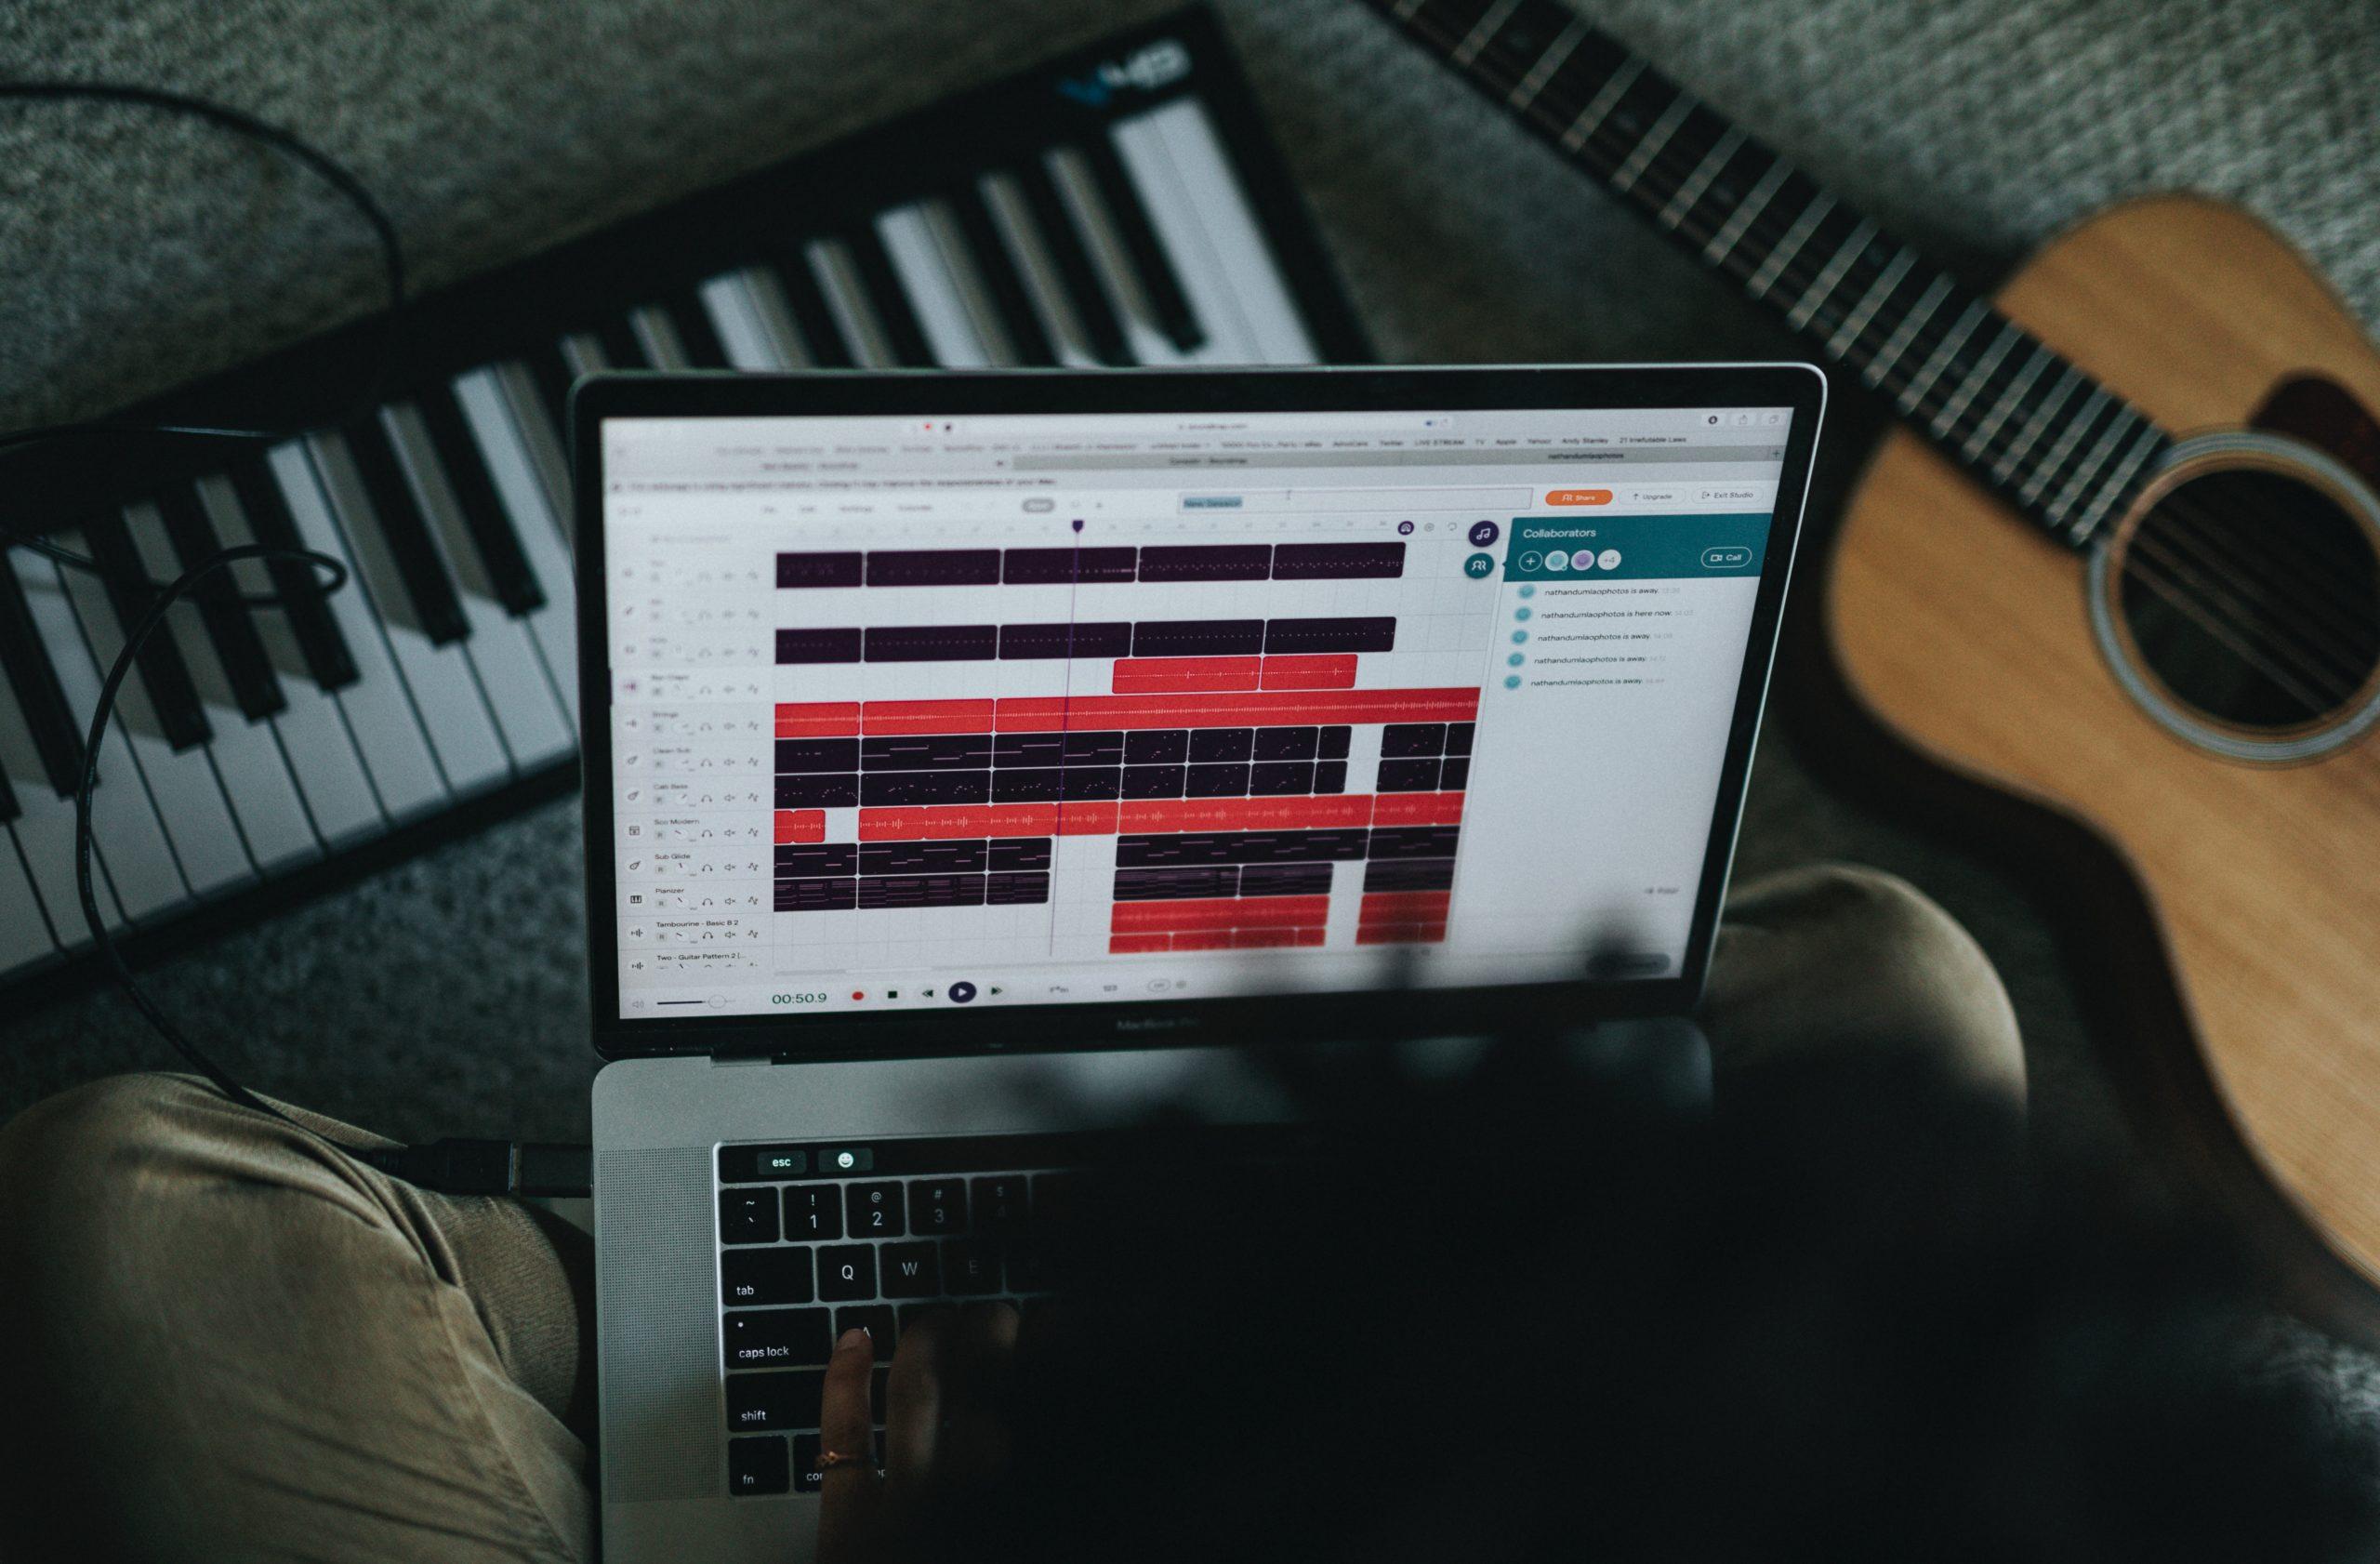 ZfL-LM_Erstellung digitalen Contents zur sprachlichen Unterstützung im sprachsensiblen Musikunterricht